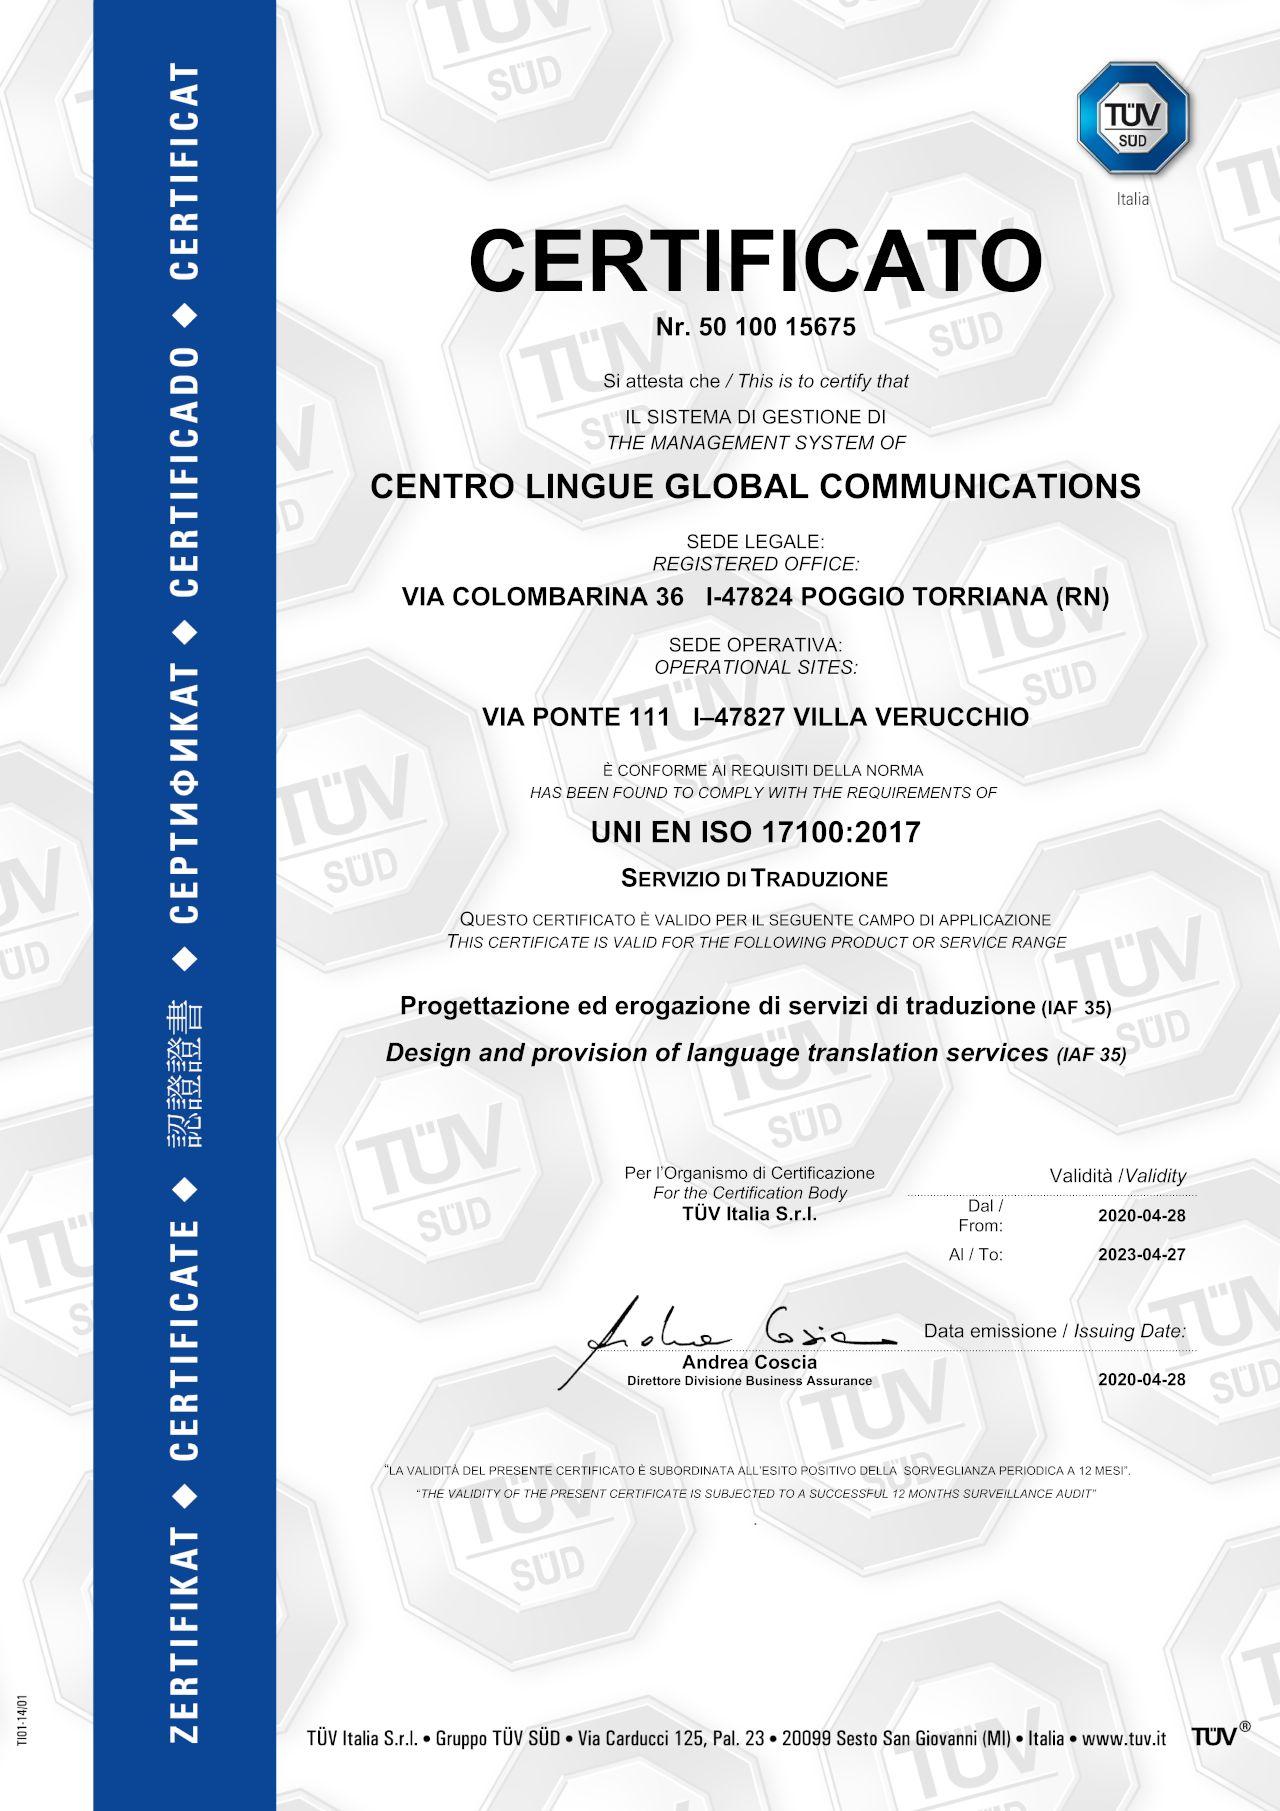 certificato-tuv-centro-lingue